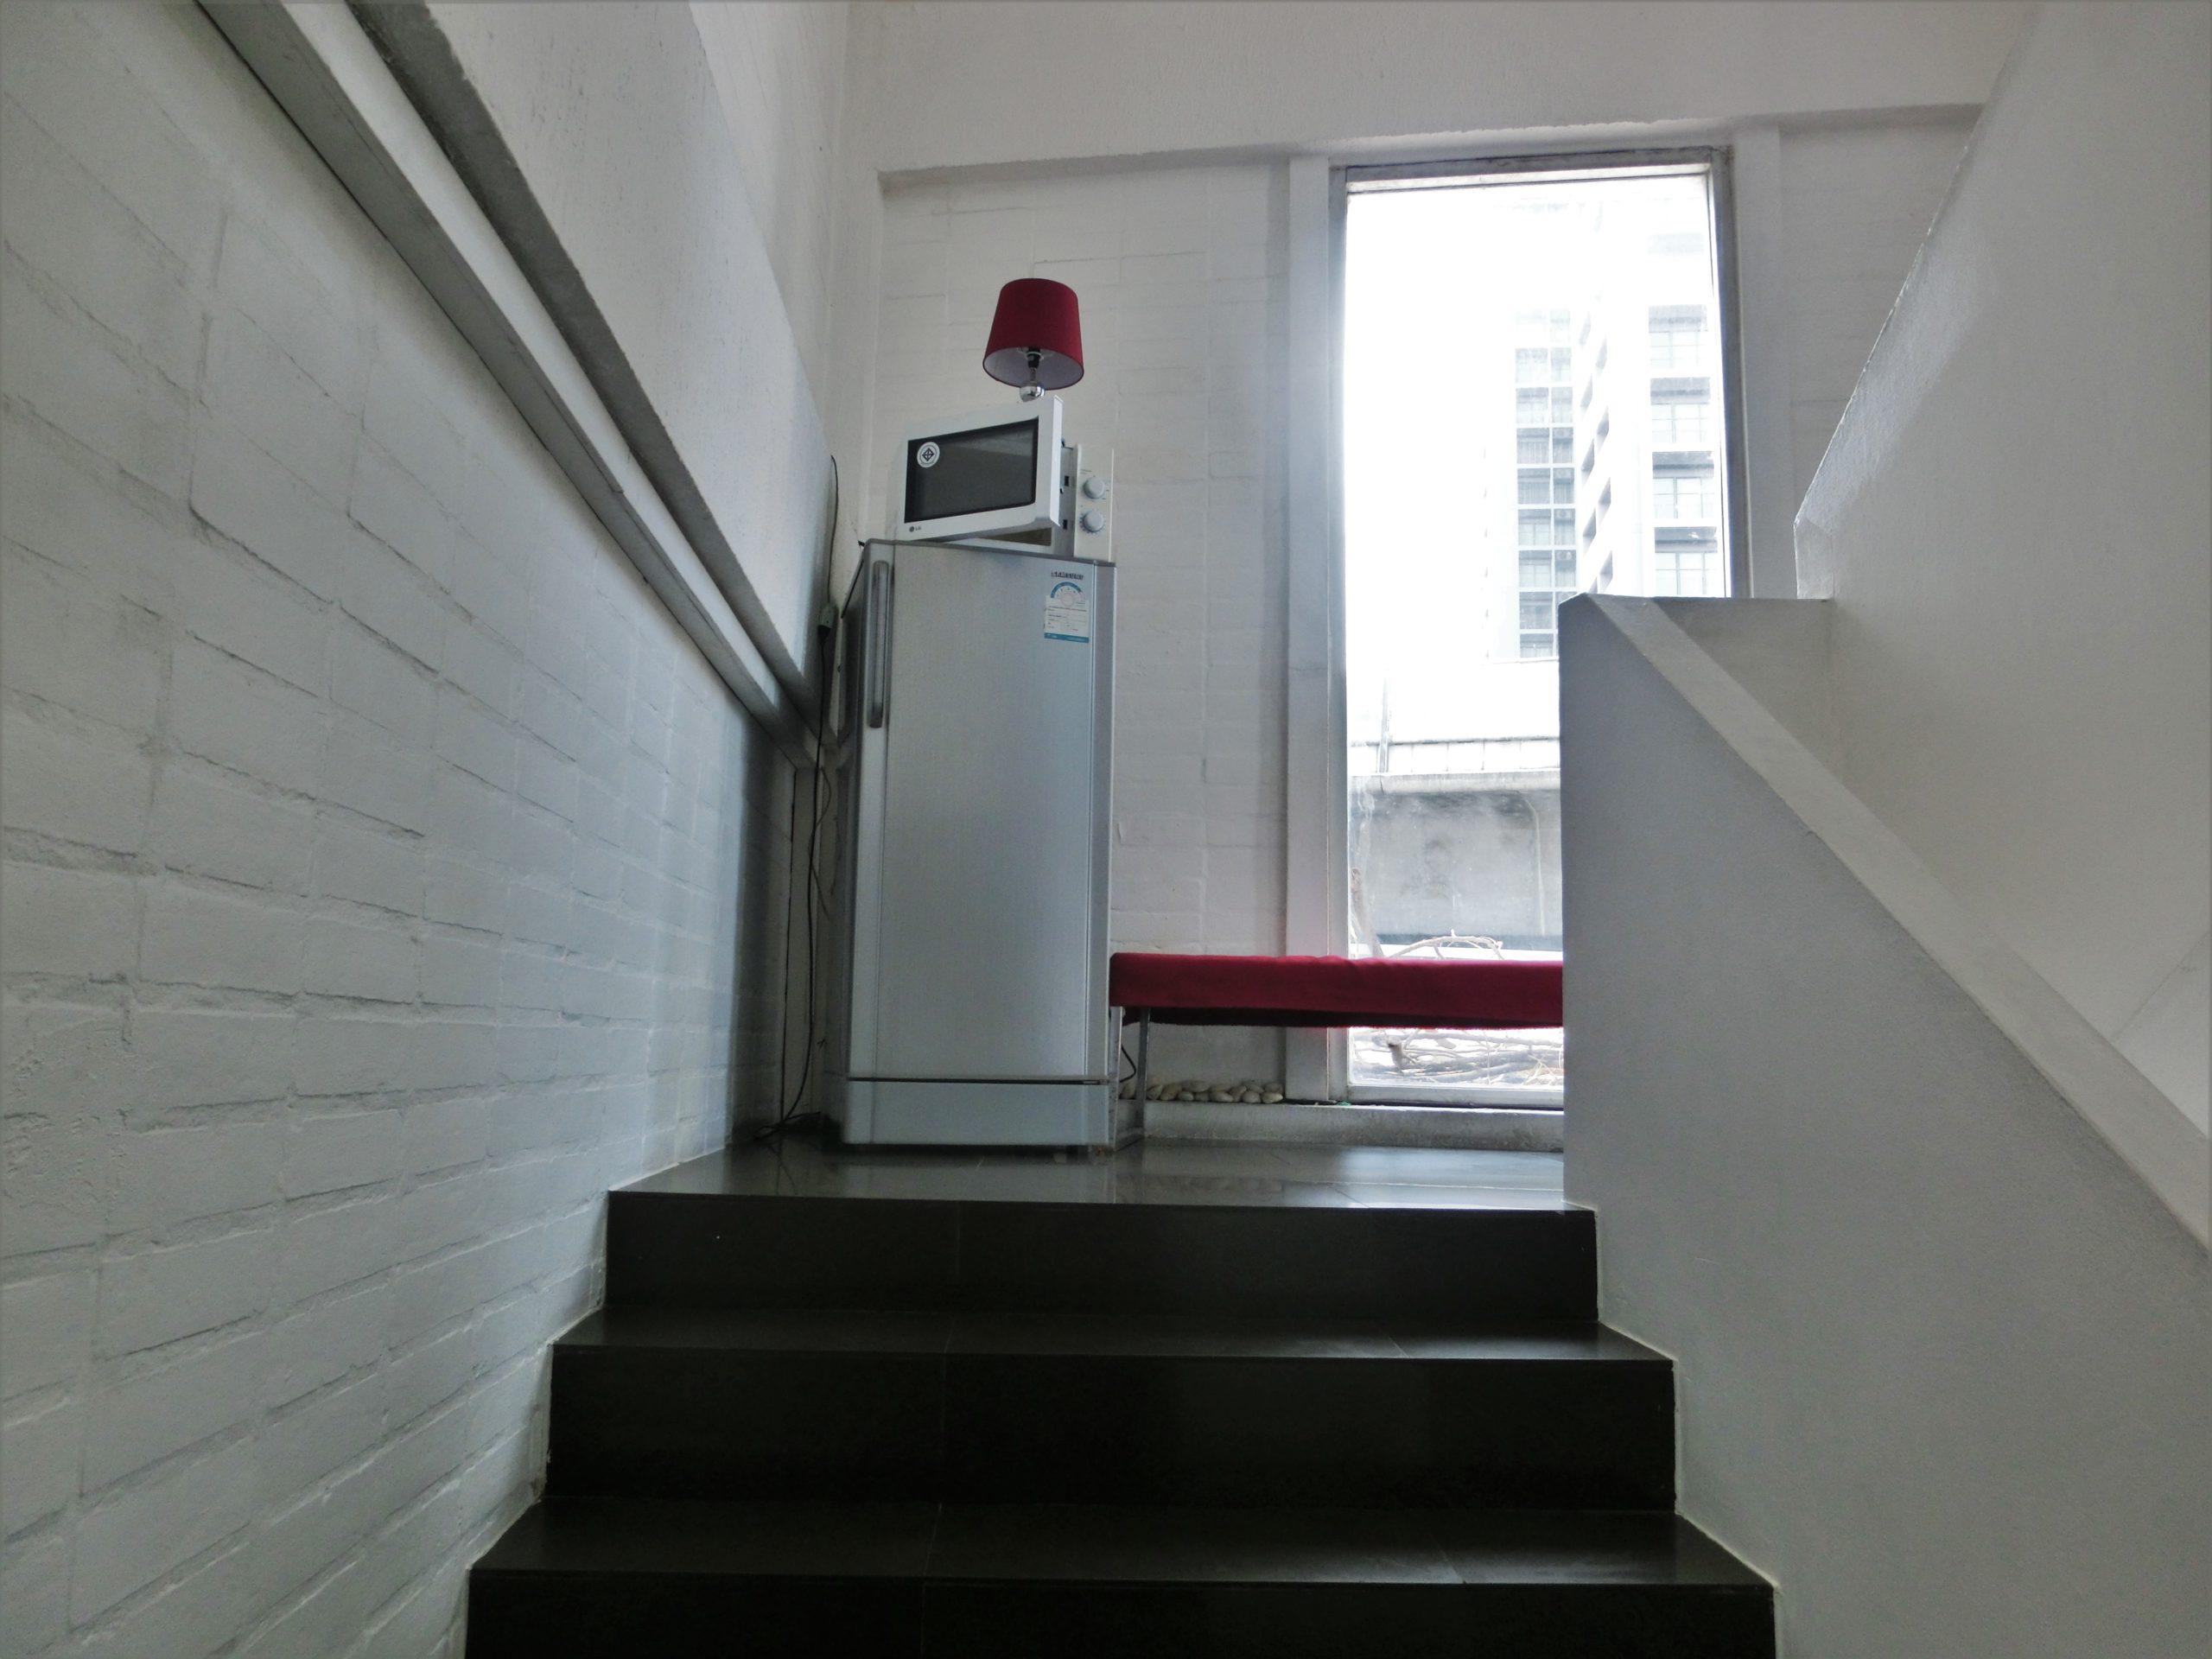 パディ マディ ゲストハウス(Padi Madi Guest House)に置いてある共用の冷蔵庫と電子レンジ